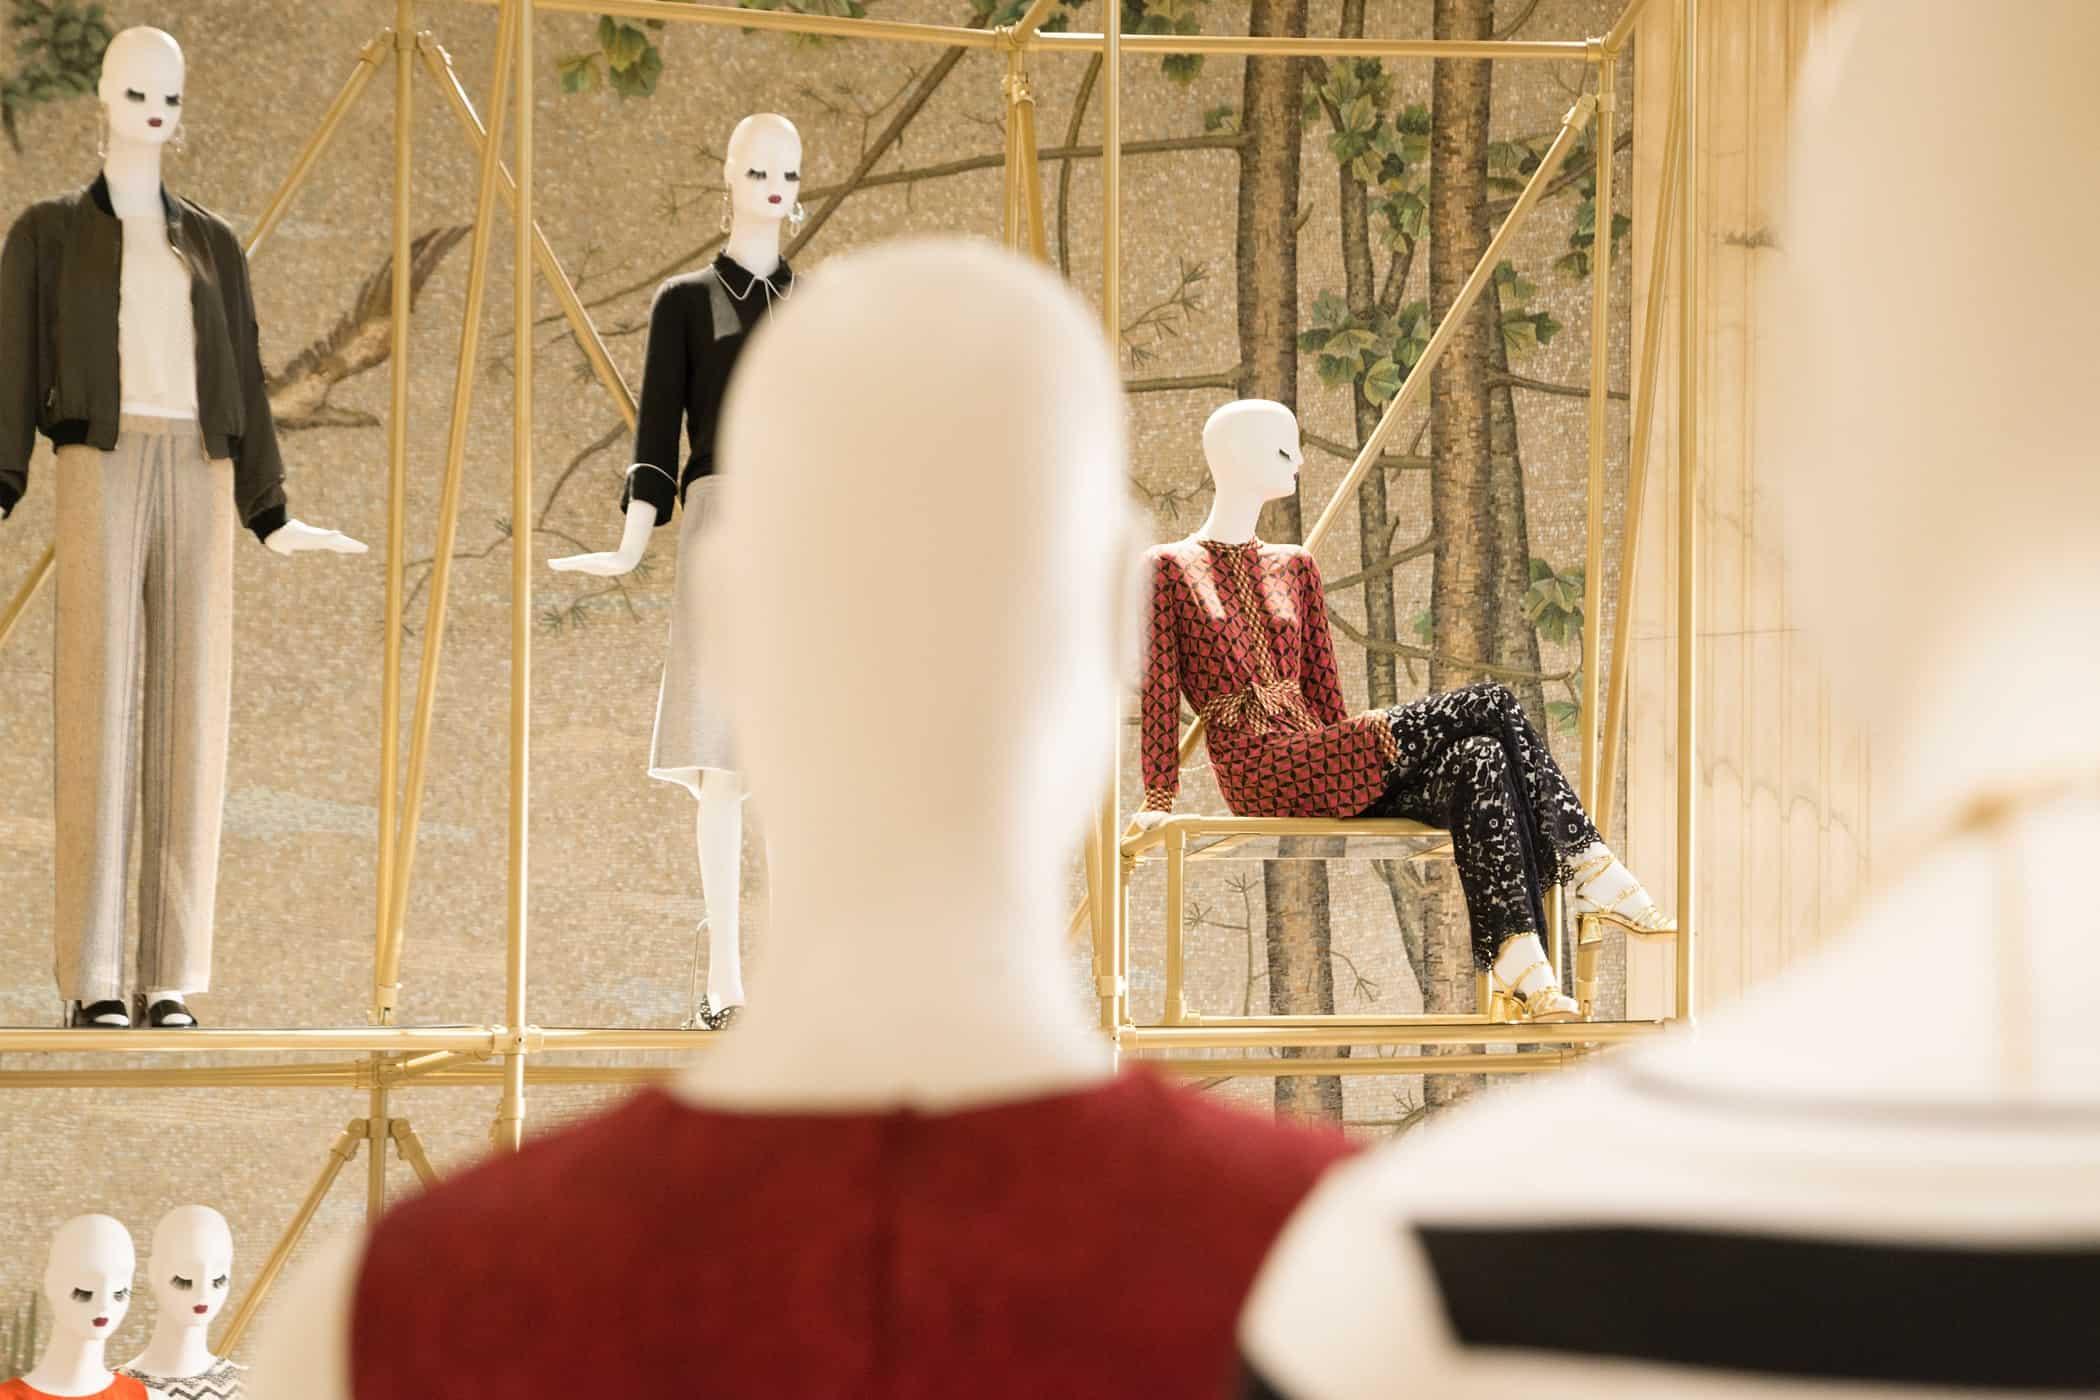 schläppi mannequins zara corso vittorio emanuele milan